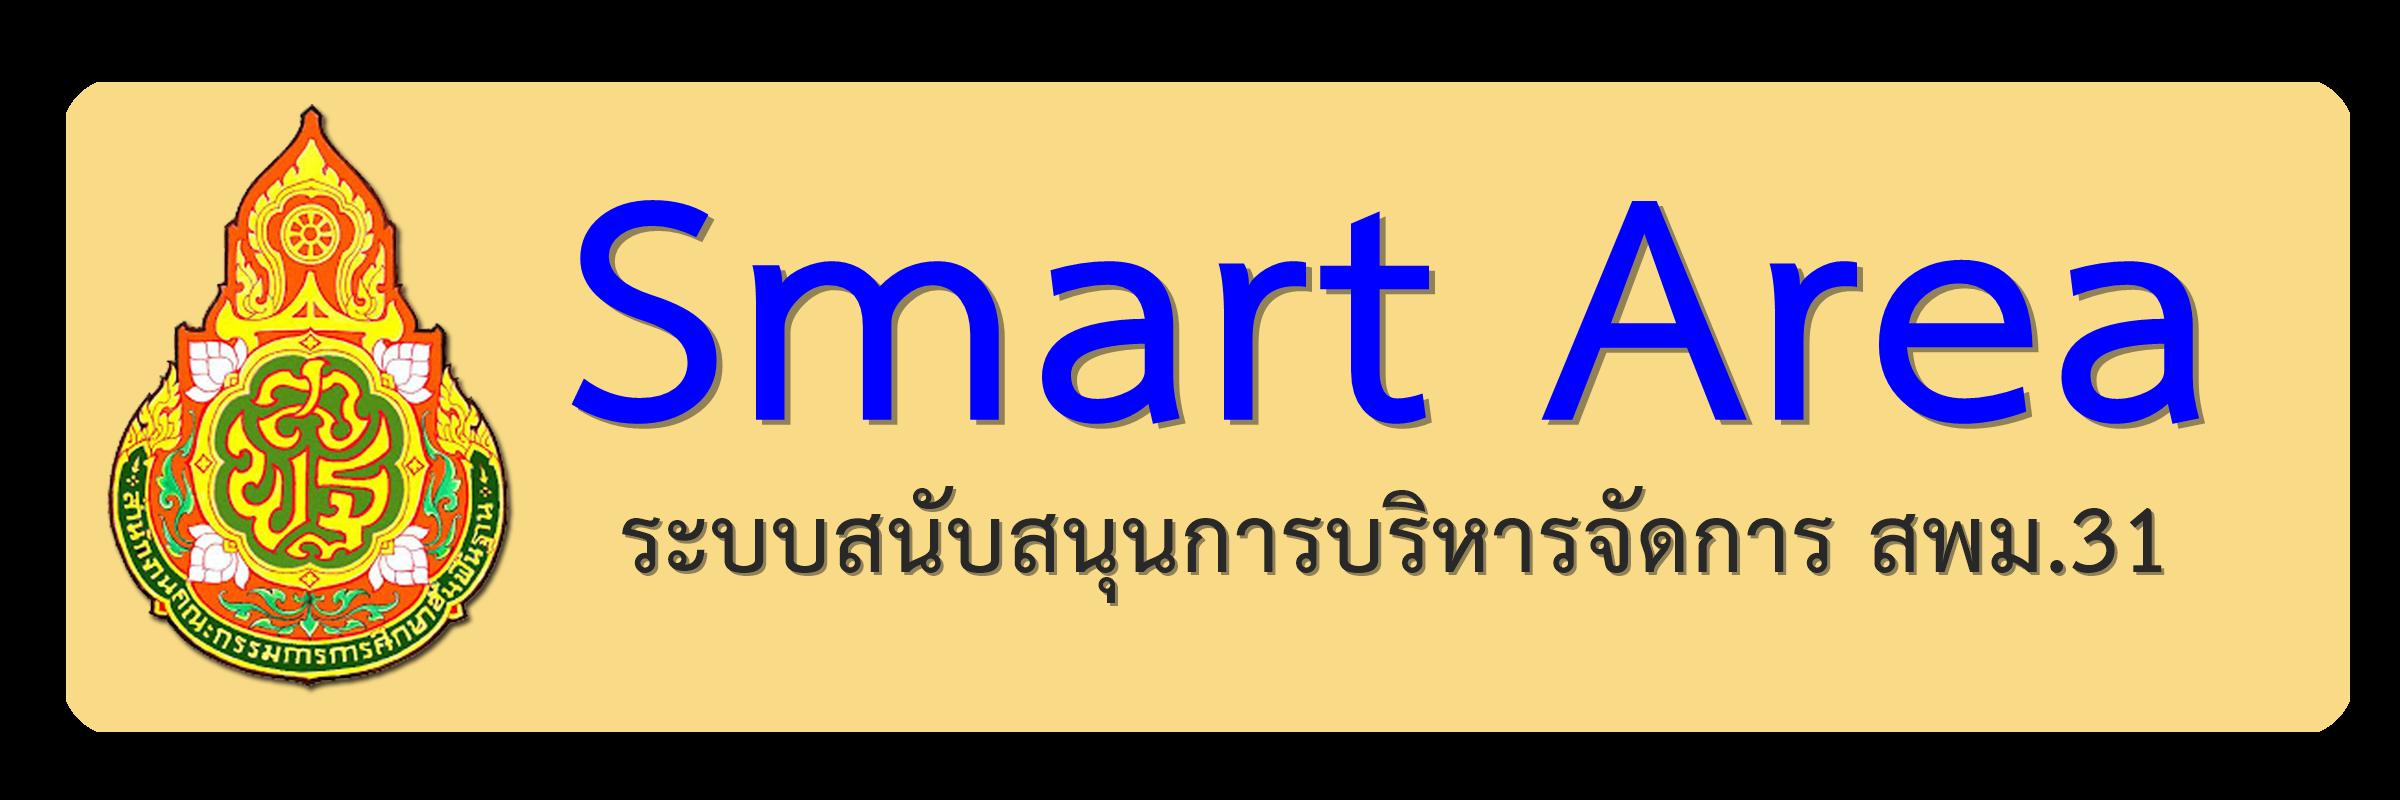 http://office.mattayom31.go.th/